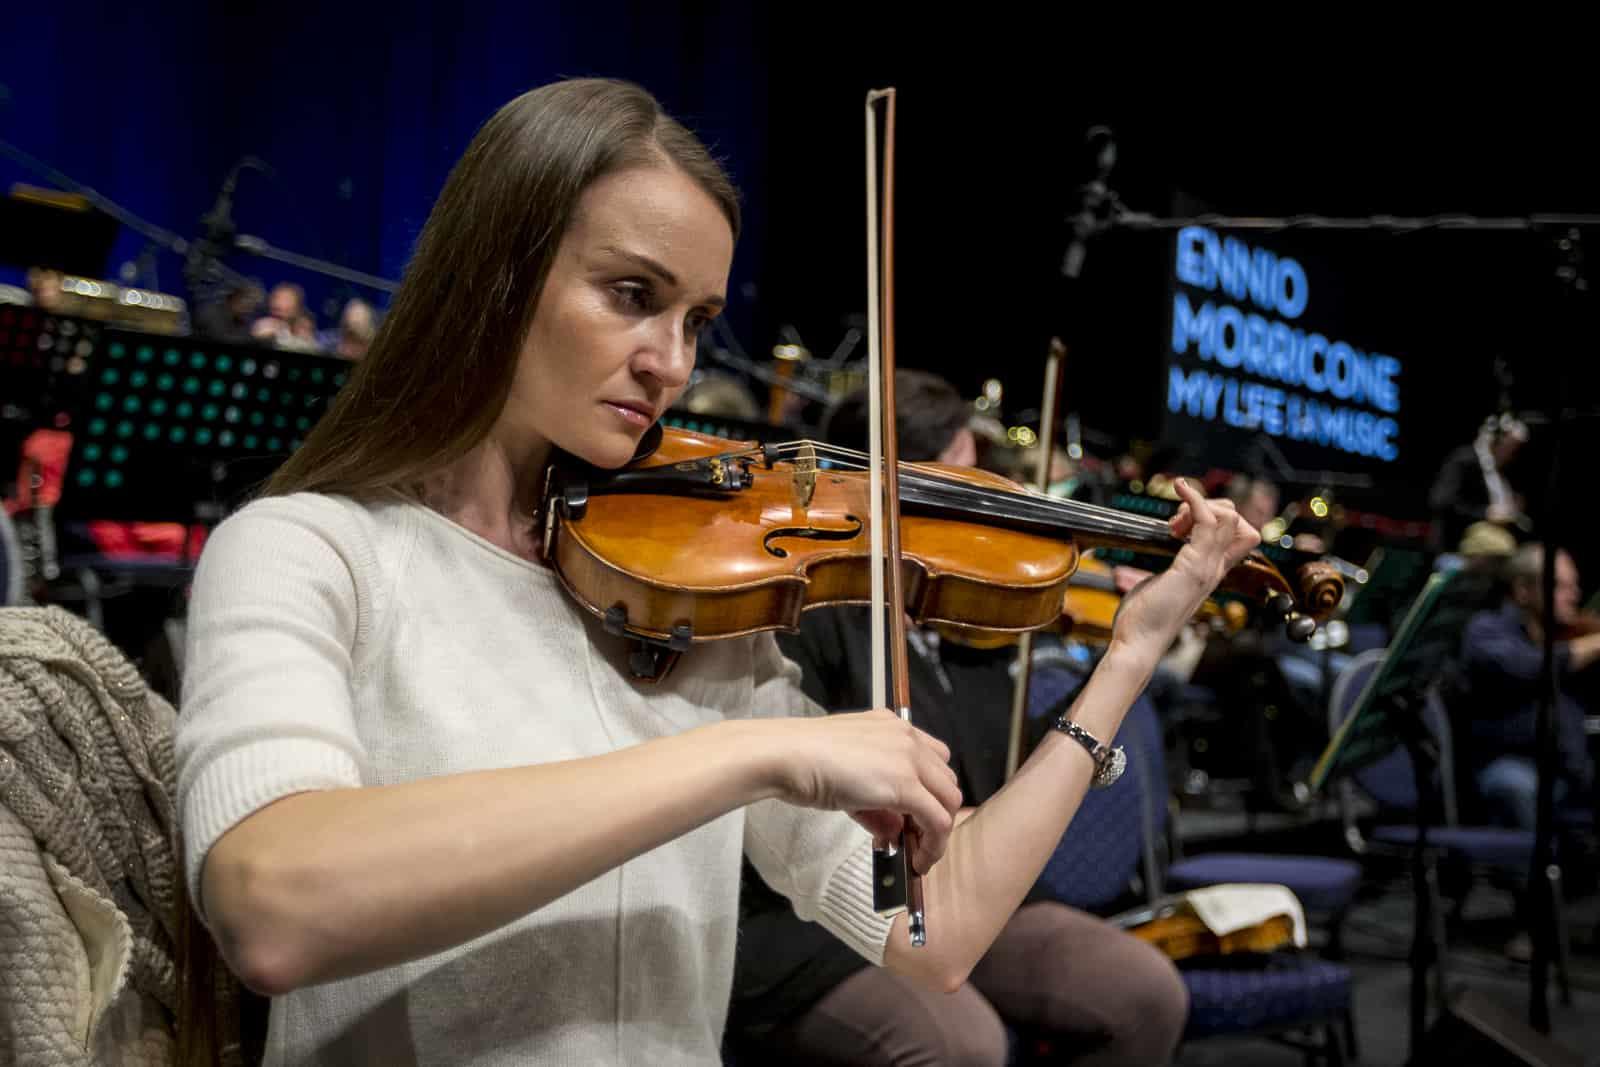 Ennio Morricone - concerto all'Arena di Verona - 18 e 19 maggio 2019